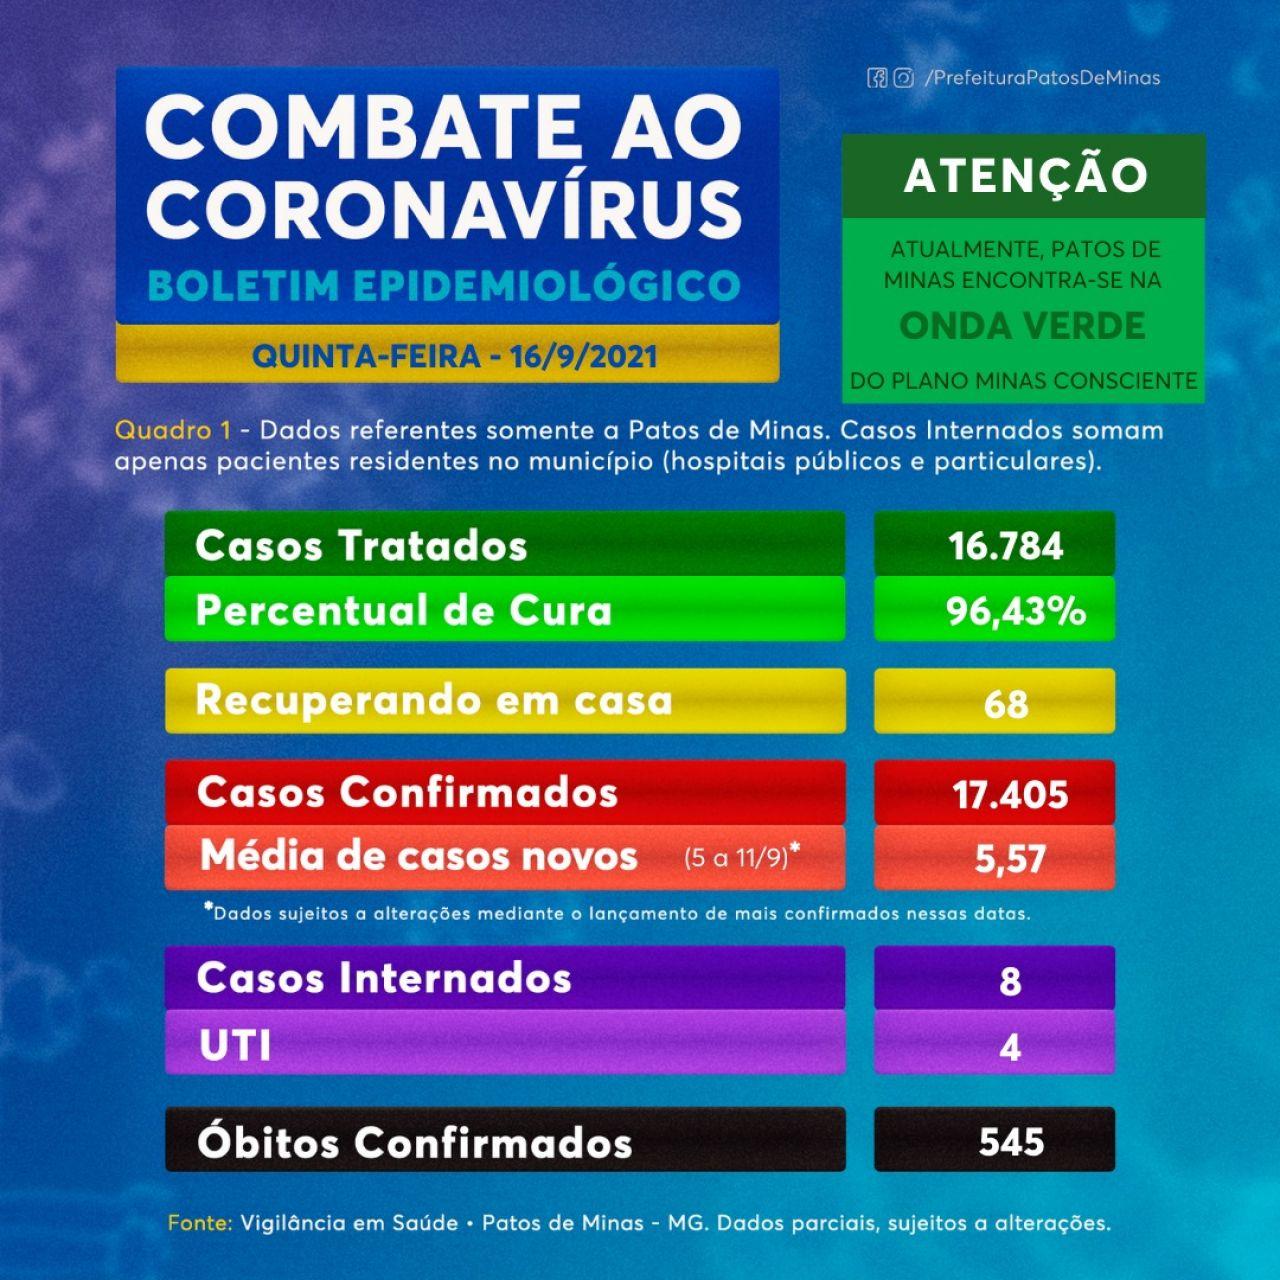 Covid-19: boletim informa 12 novos casos e mais 3 óbitos